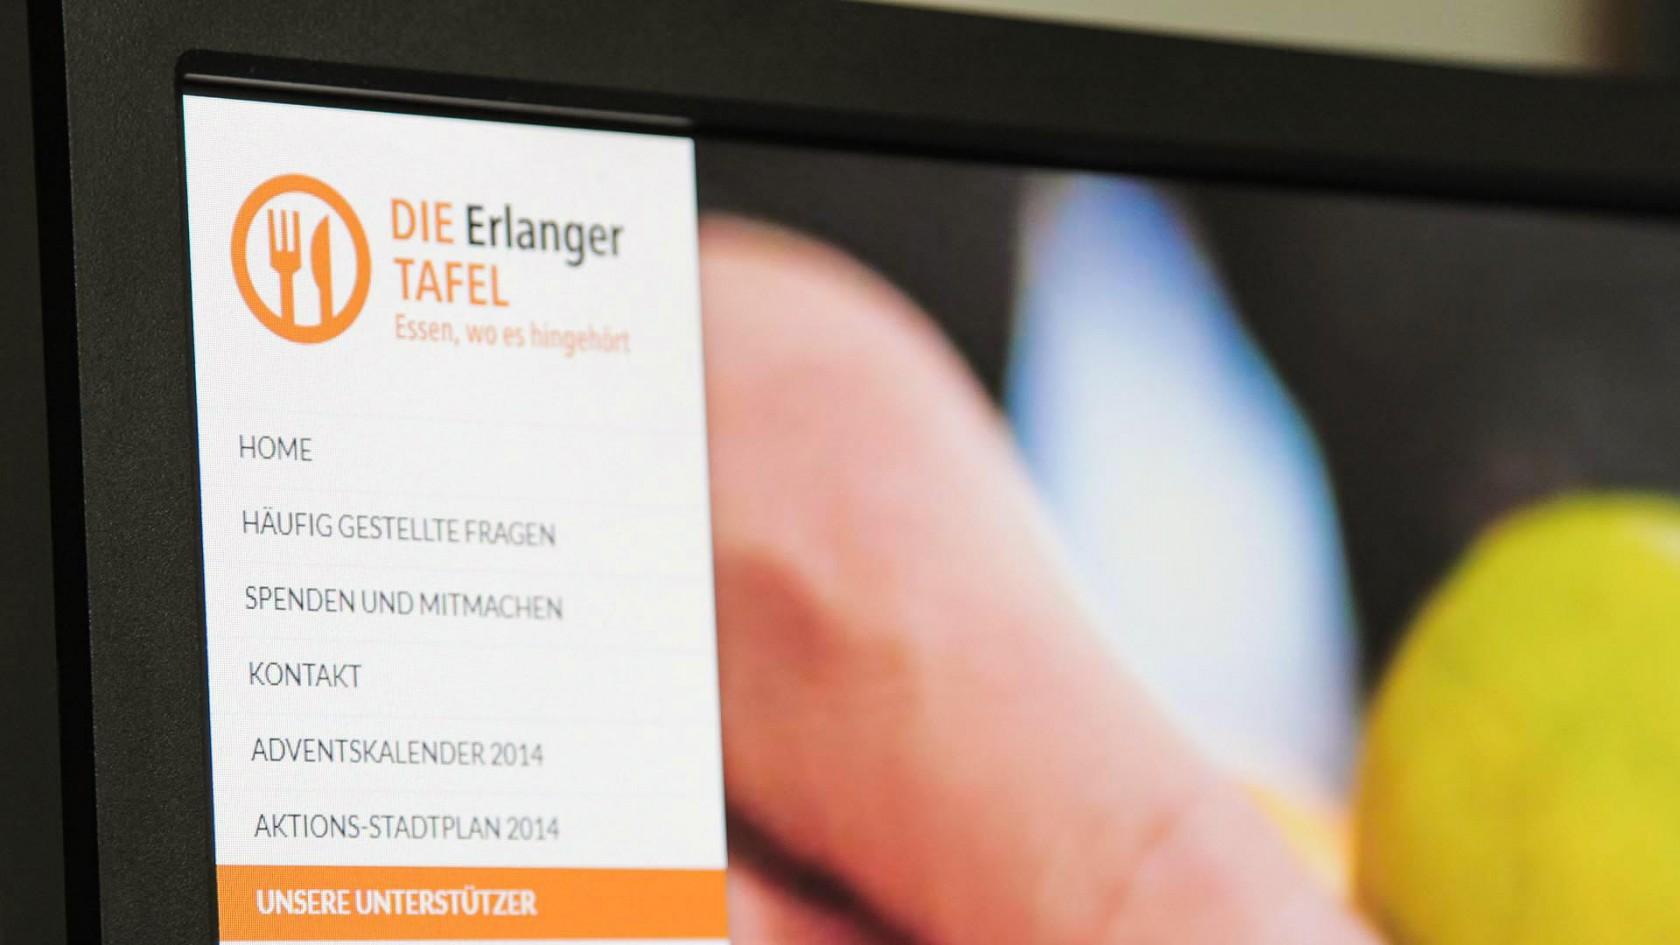 erlanger_tafel-website_pic_0002